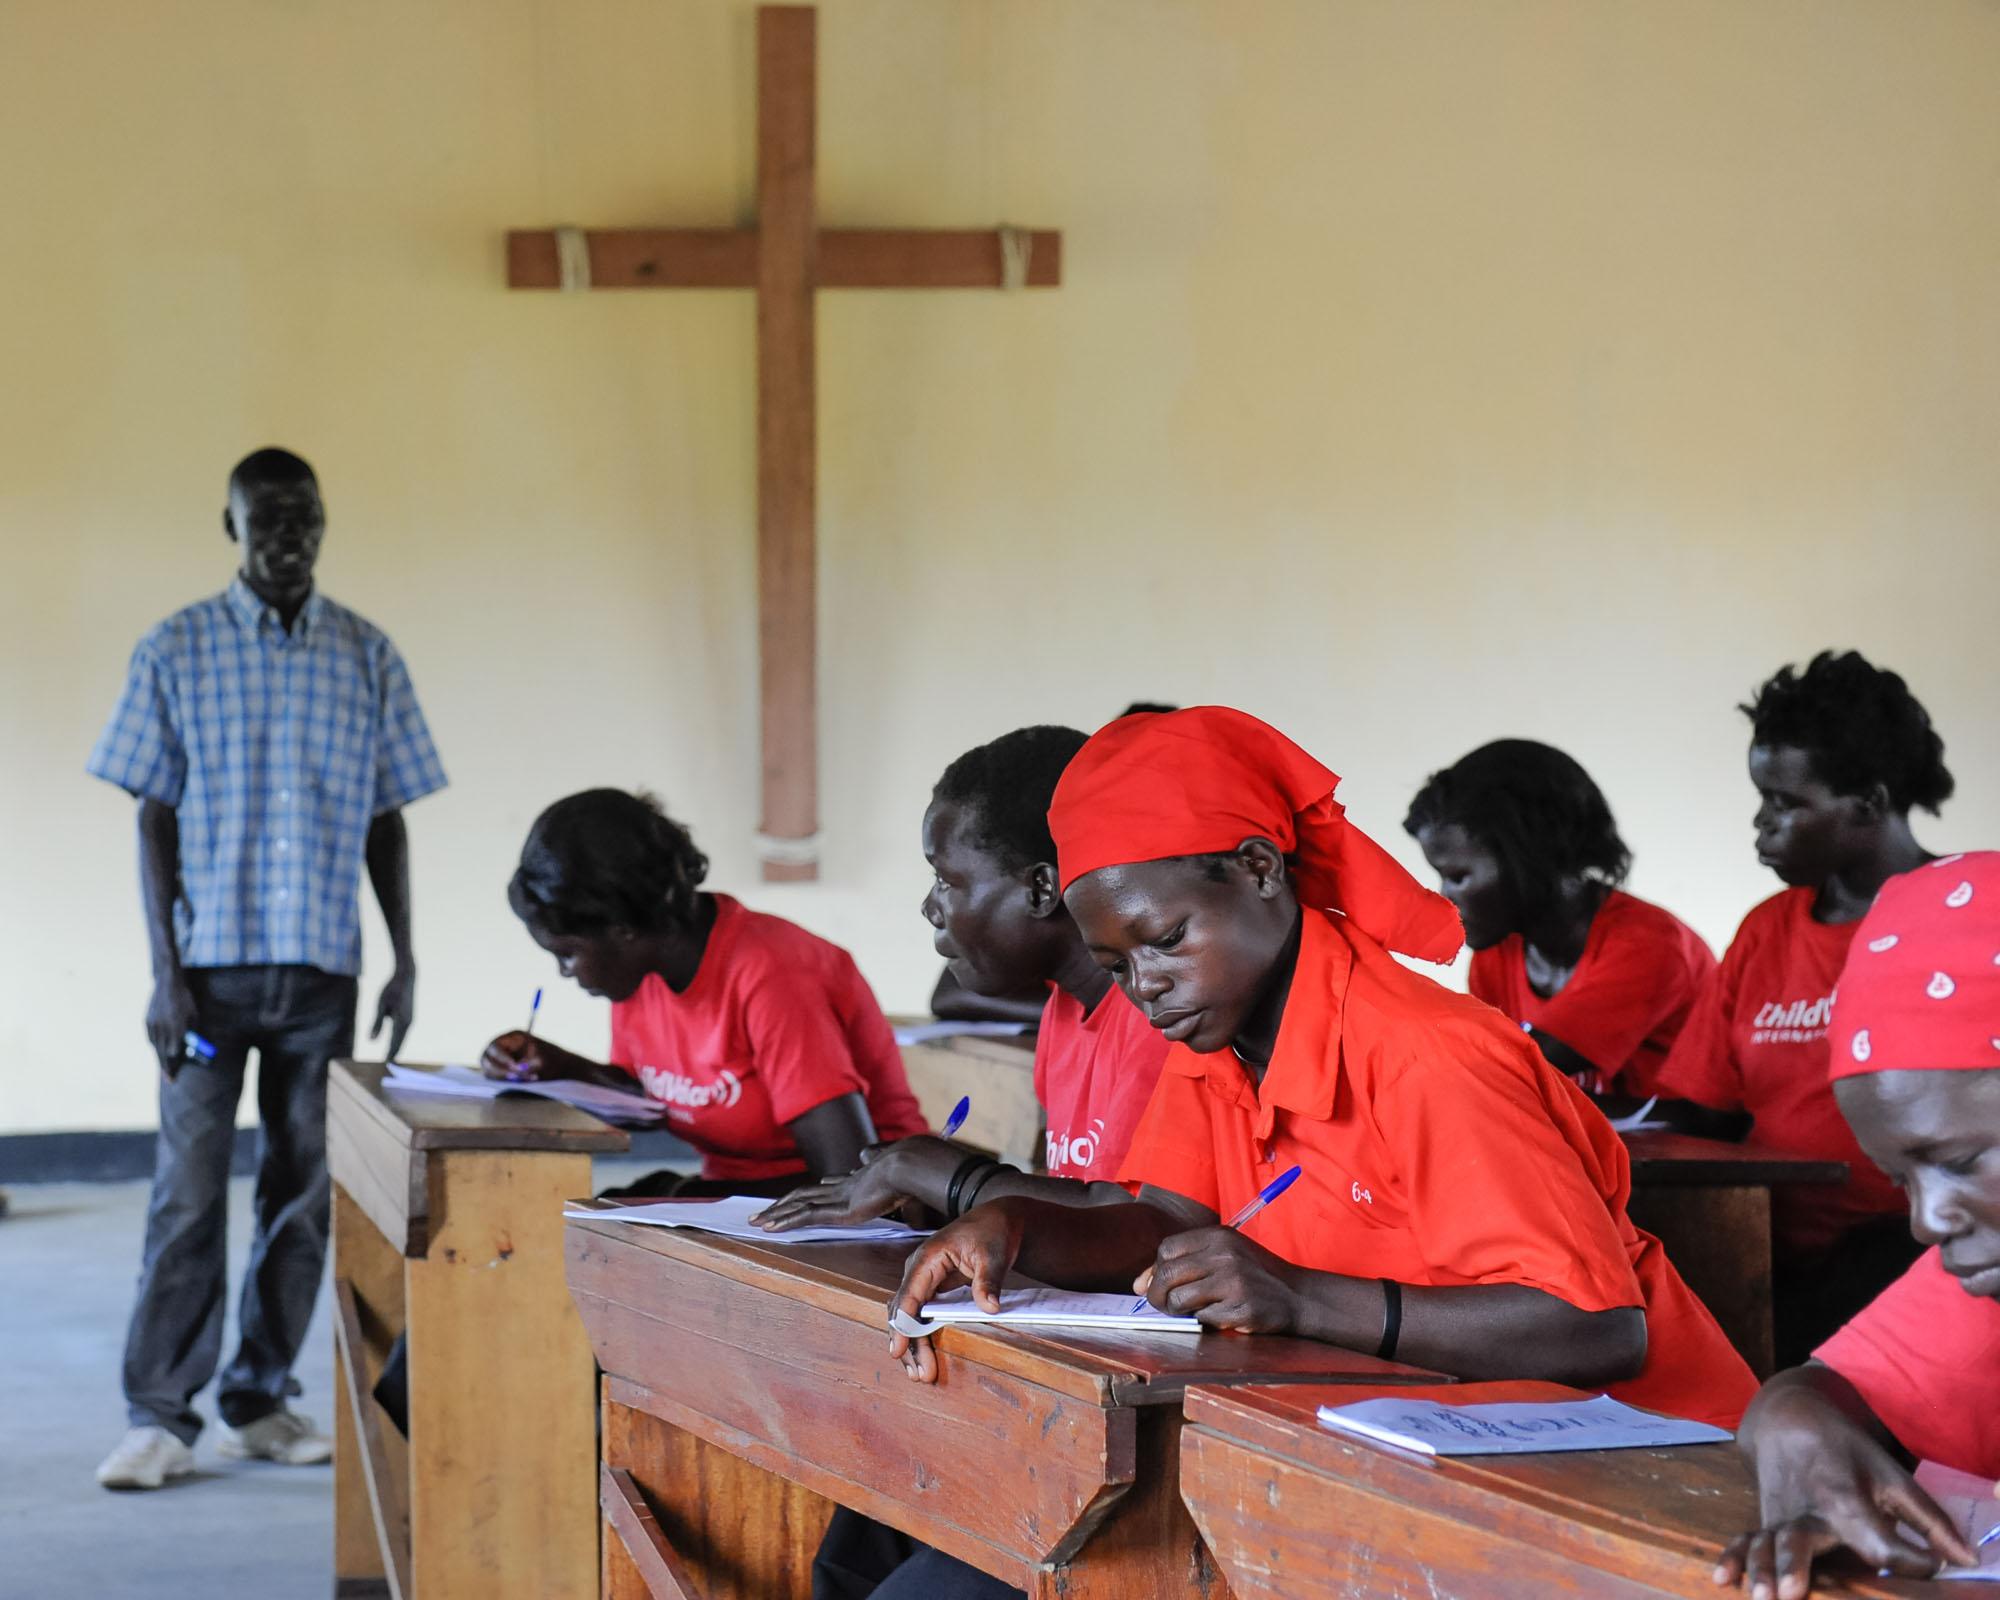 20130115_Uganda-274-Master.jpg